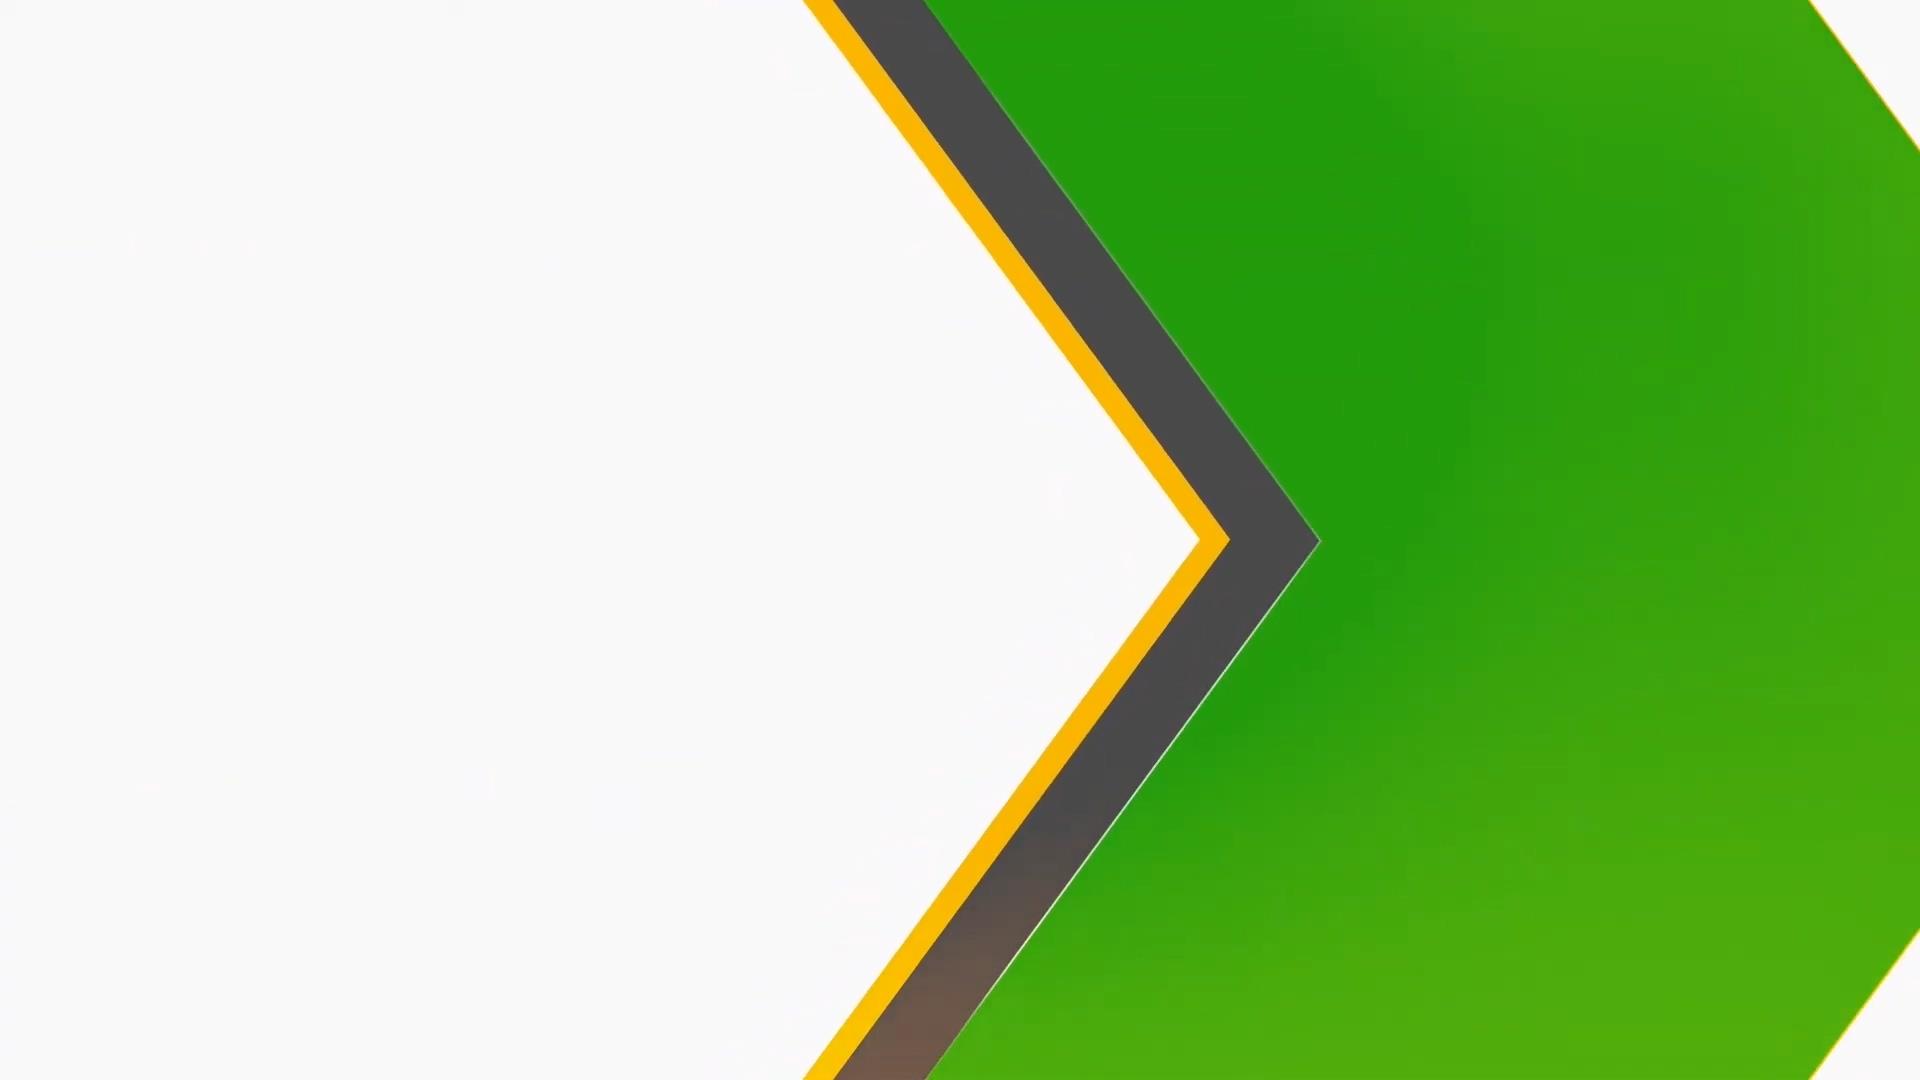 箭头展示绿幕视频素材